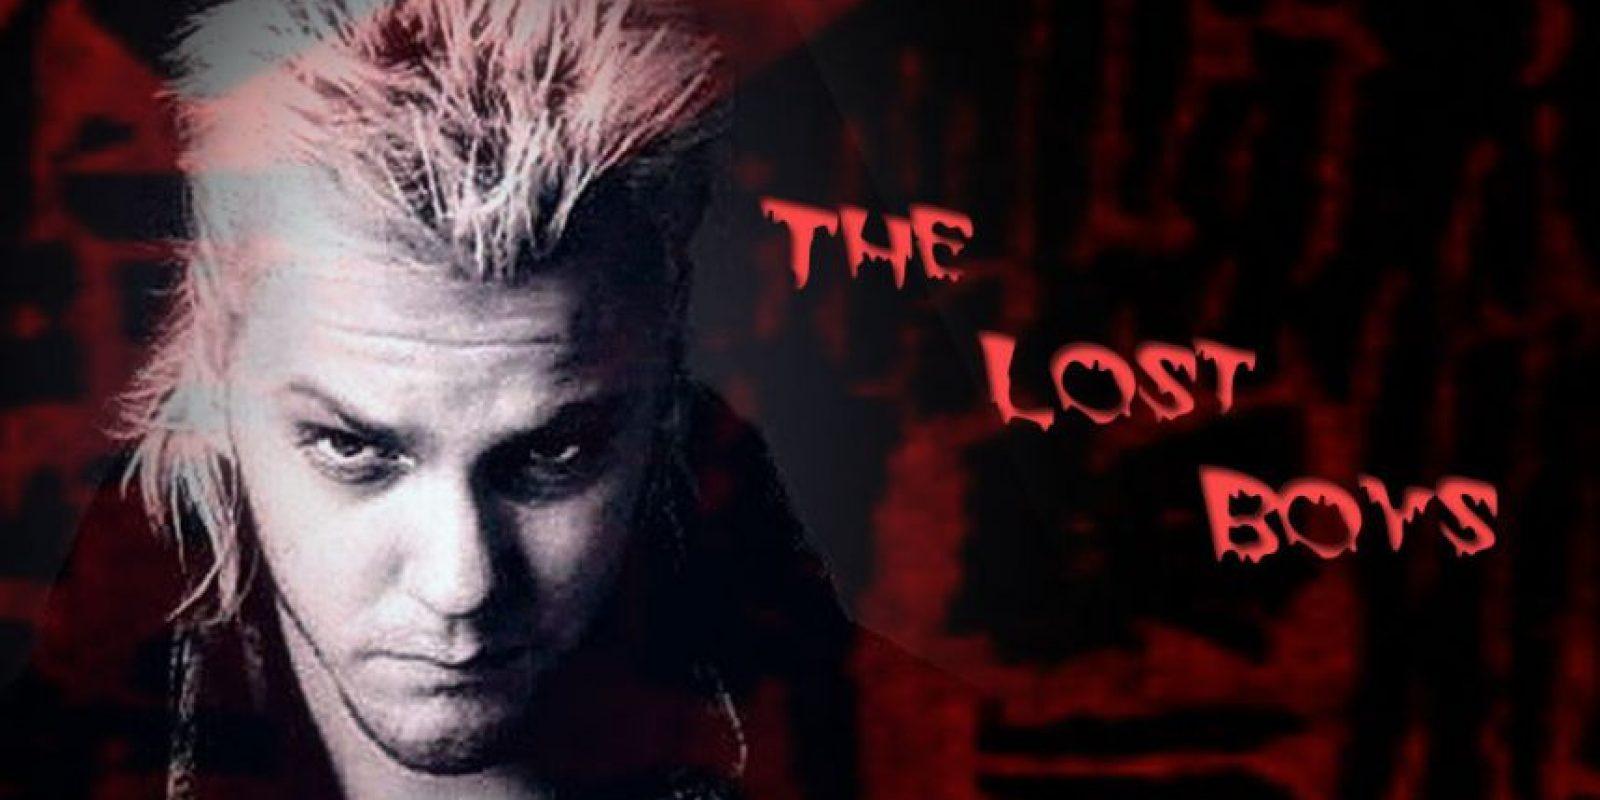 Loco, rebelde, desenfrenado. No brillaba. Así era Kiefer Sutherland en 'Los muchachos perdidos', en los años 80. El primer vampiro pandillero del cine. Foto: Sodahead.